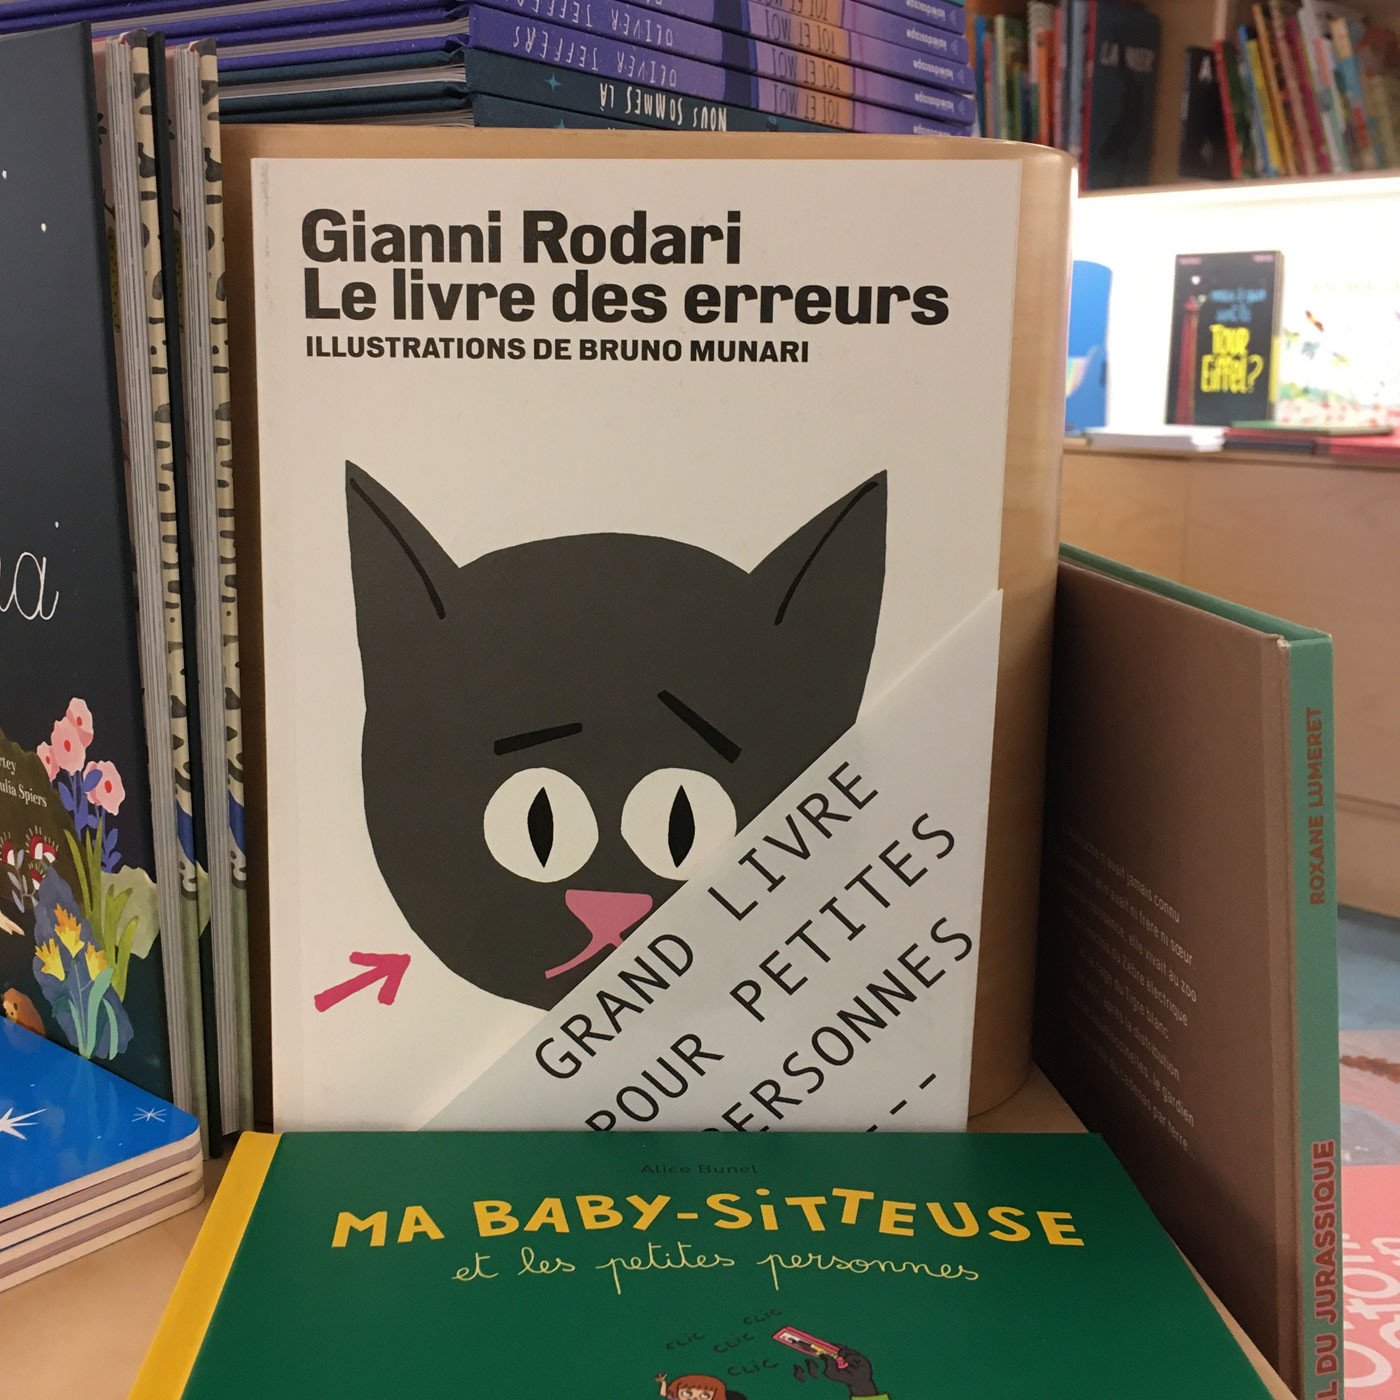 Grands livres pour petites personnes #14 - Le livre des erreurs